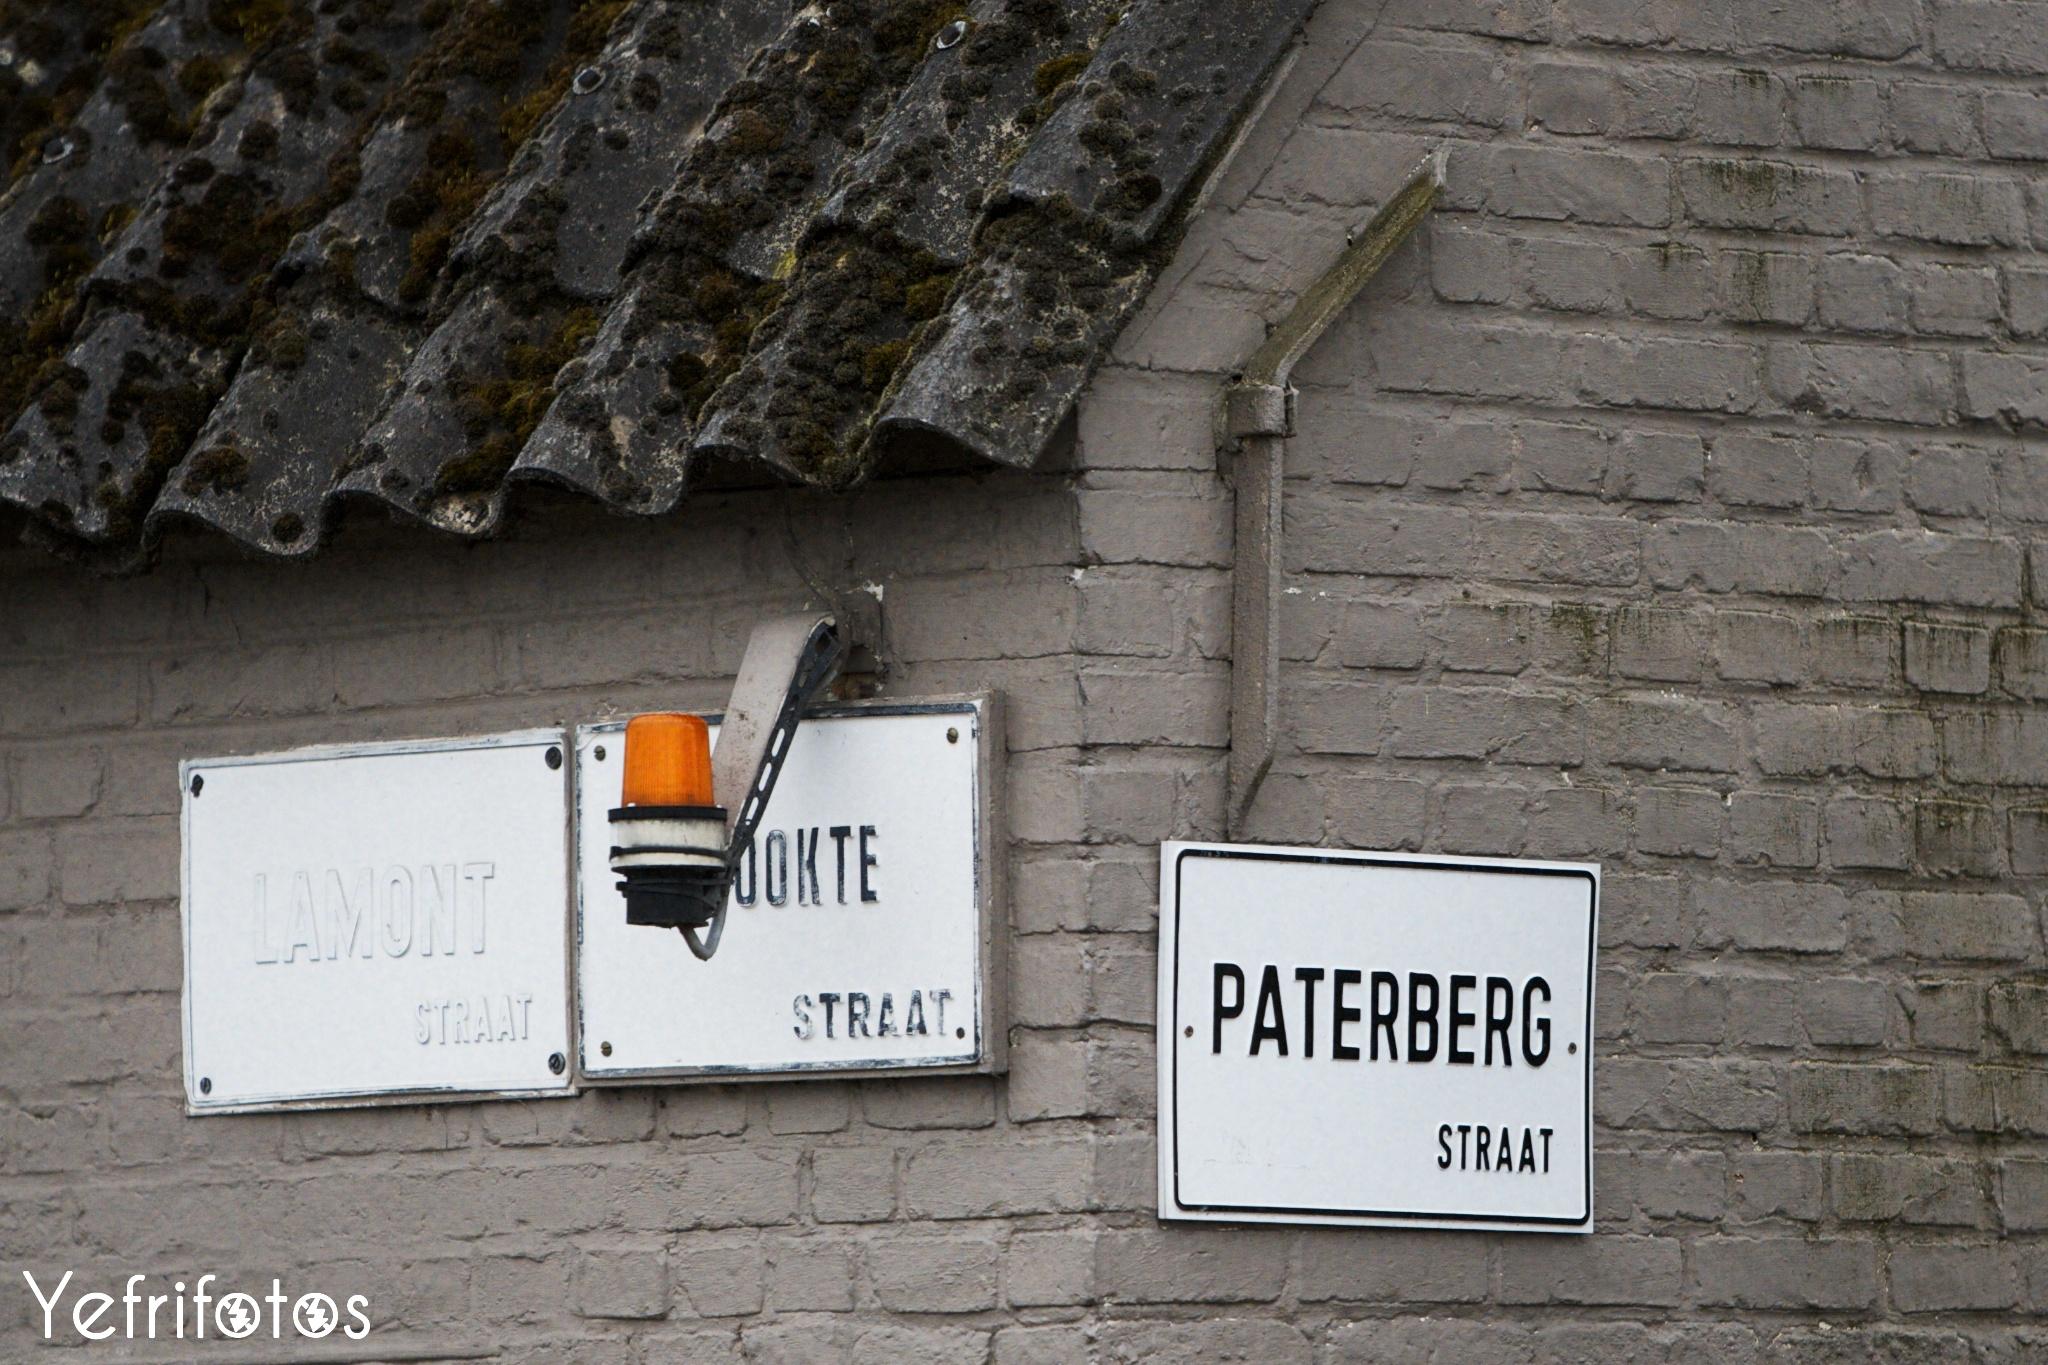 Paterberg Tour des Flandres